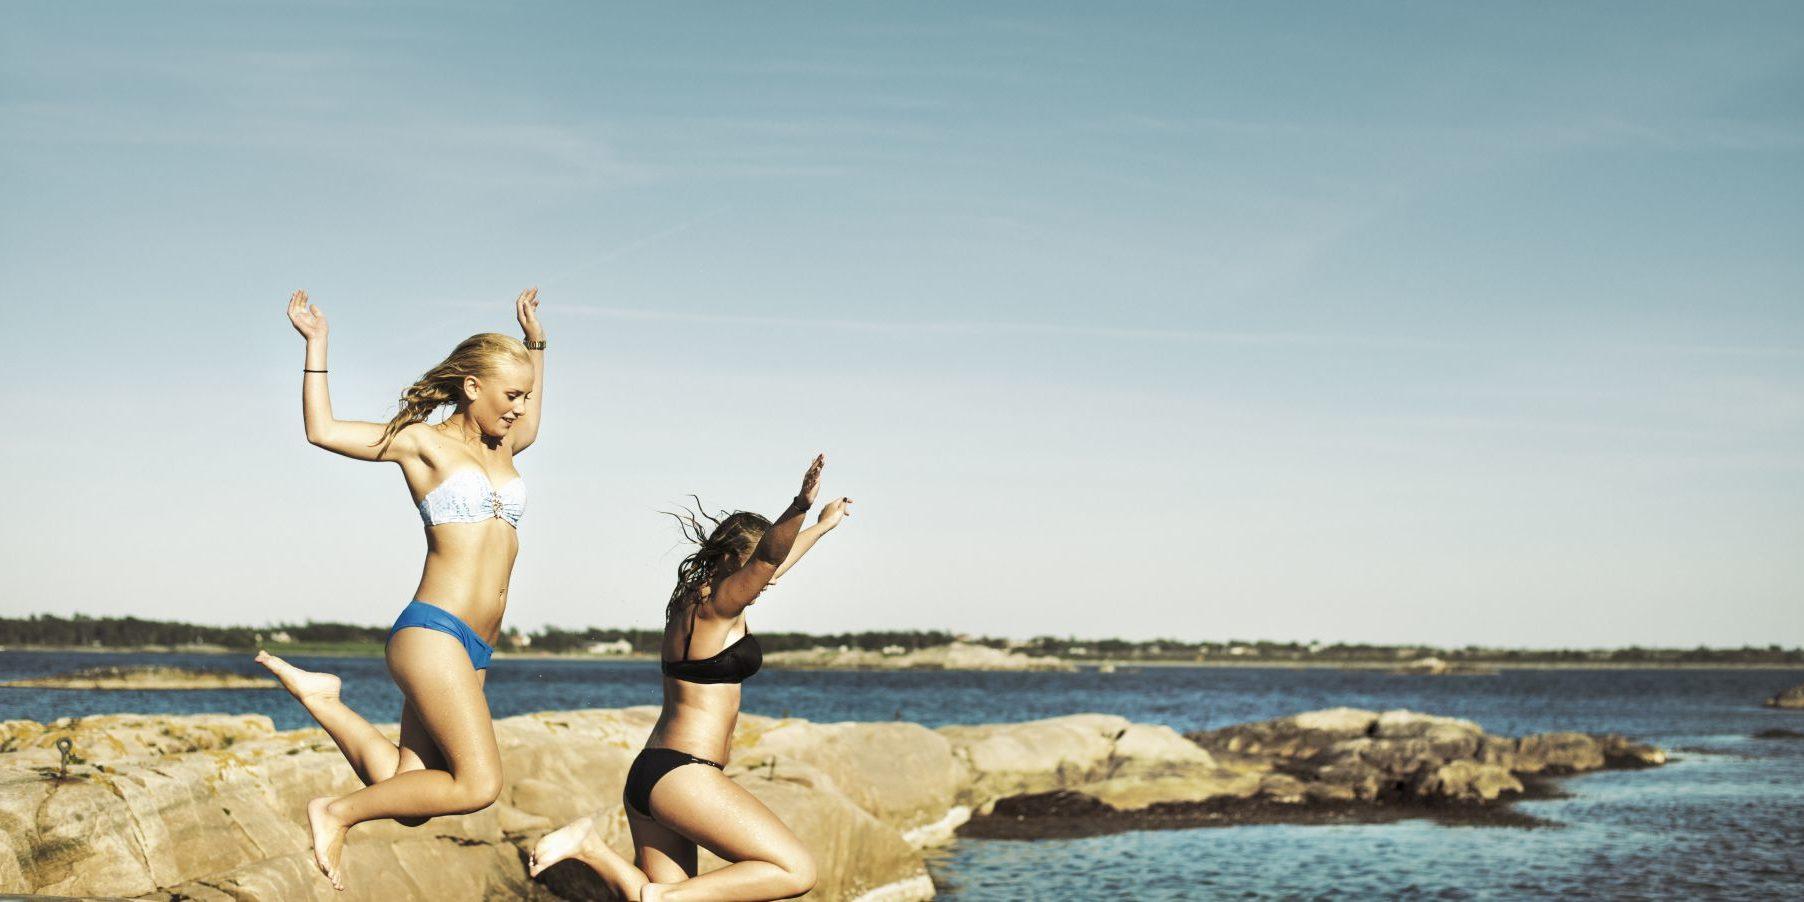 Bading utenfor Kragerø og Jomfruland